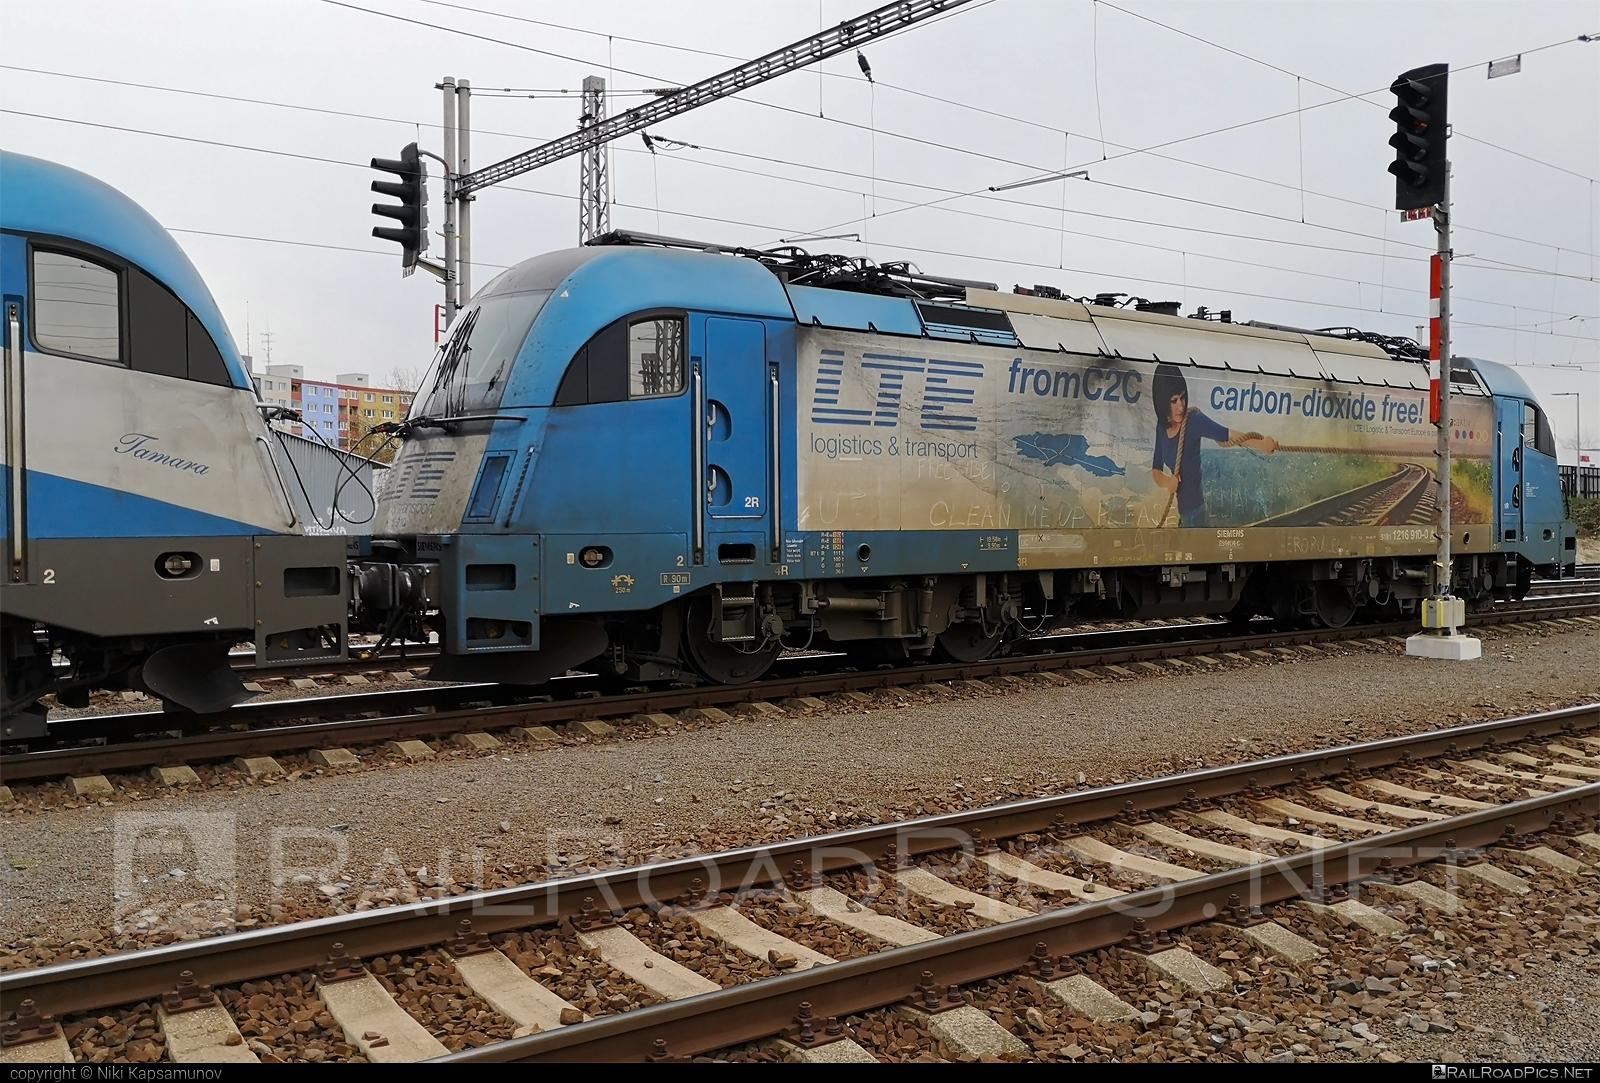 Siemens ES 64 U4 - 1216 910 operated by Adria Transport D.O.O. #adria #es64 #es64u #es64u4 #eurosprinter #lte #ltelogistikundtransport #ltelogistikundtransportgmbh #siemens #siemenses64 #siemenses64u #siemenses64u4 #siemenstaurus #taurus #tauruslocomotive